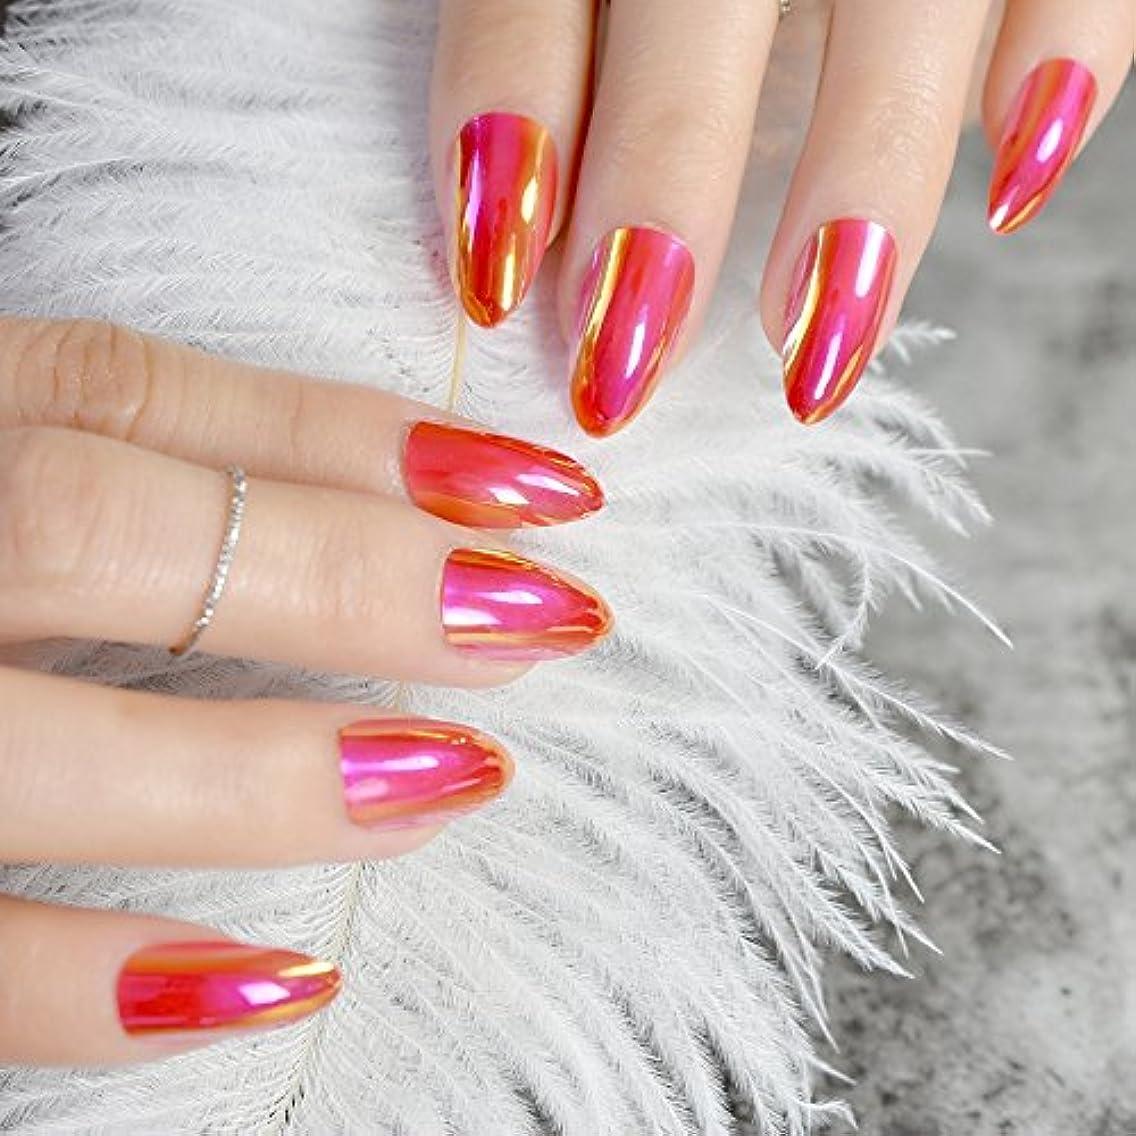 アジア余韻爪XUTXZKA 女性の指のための爪のマニキュアのヒントにブラックカバーネイルシルバーメタリックライン装飾短押し